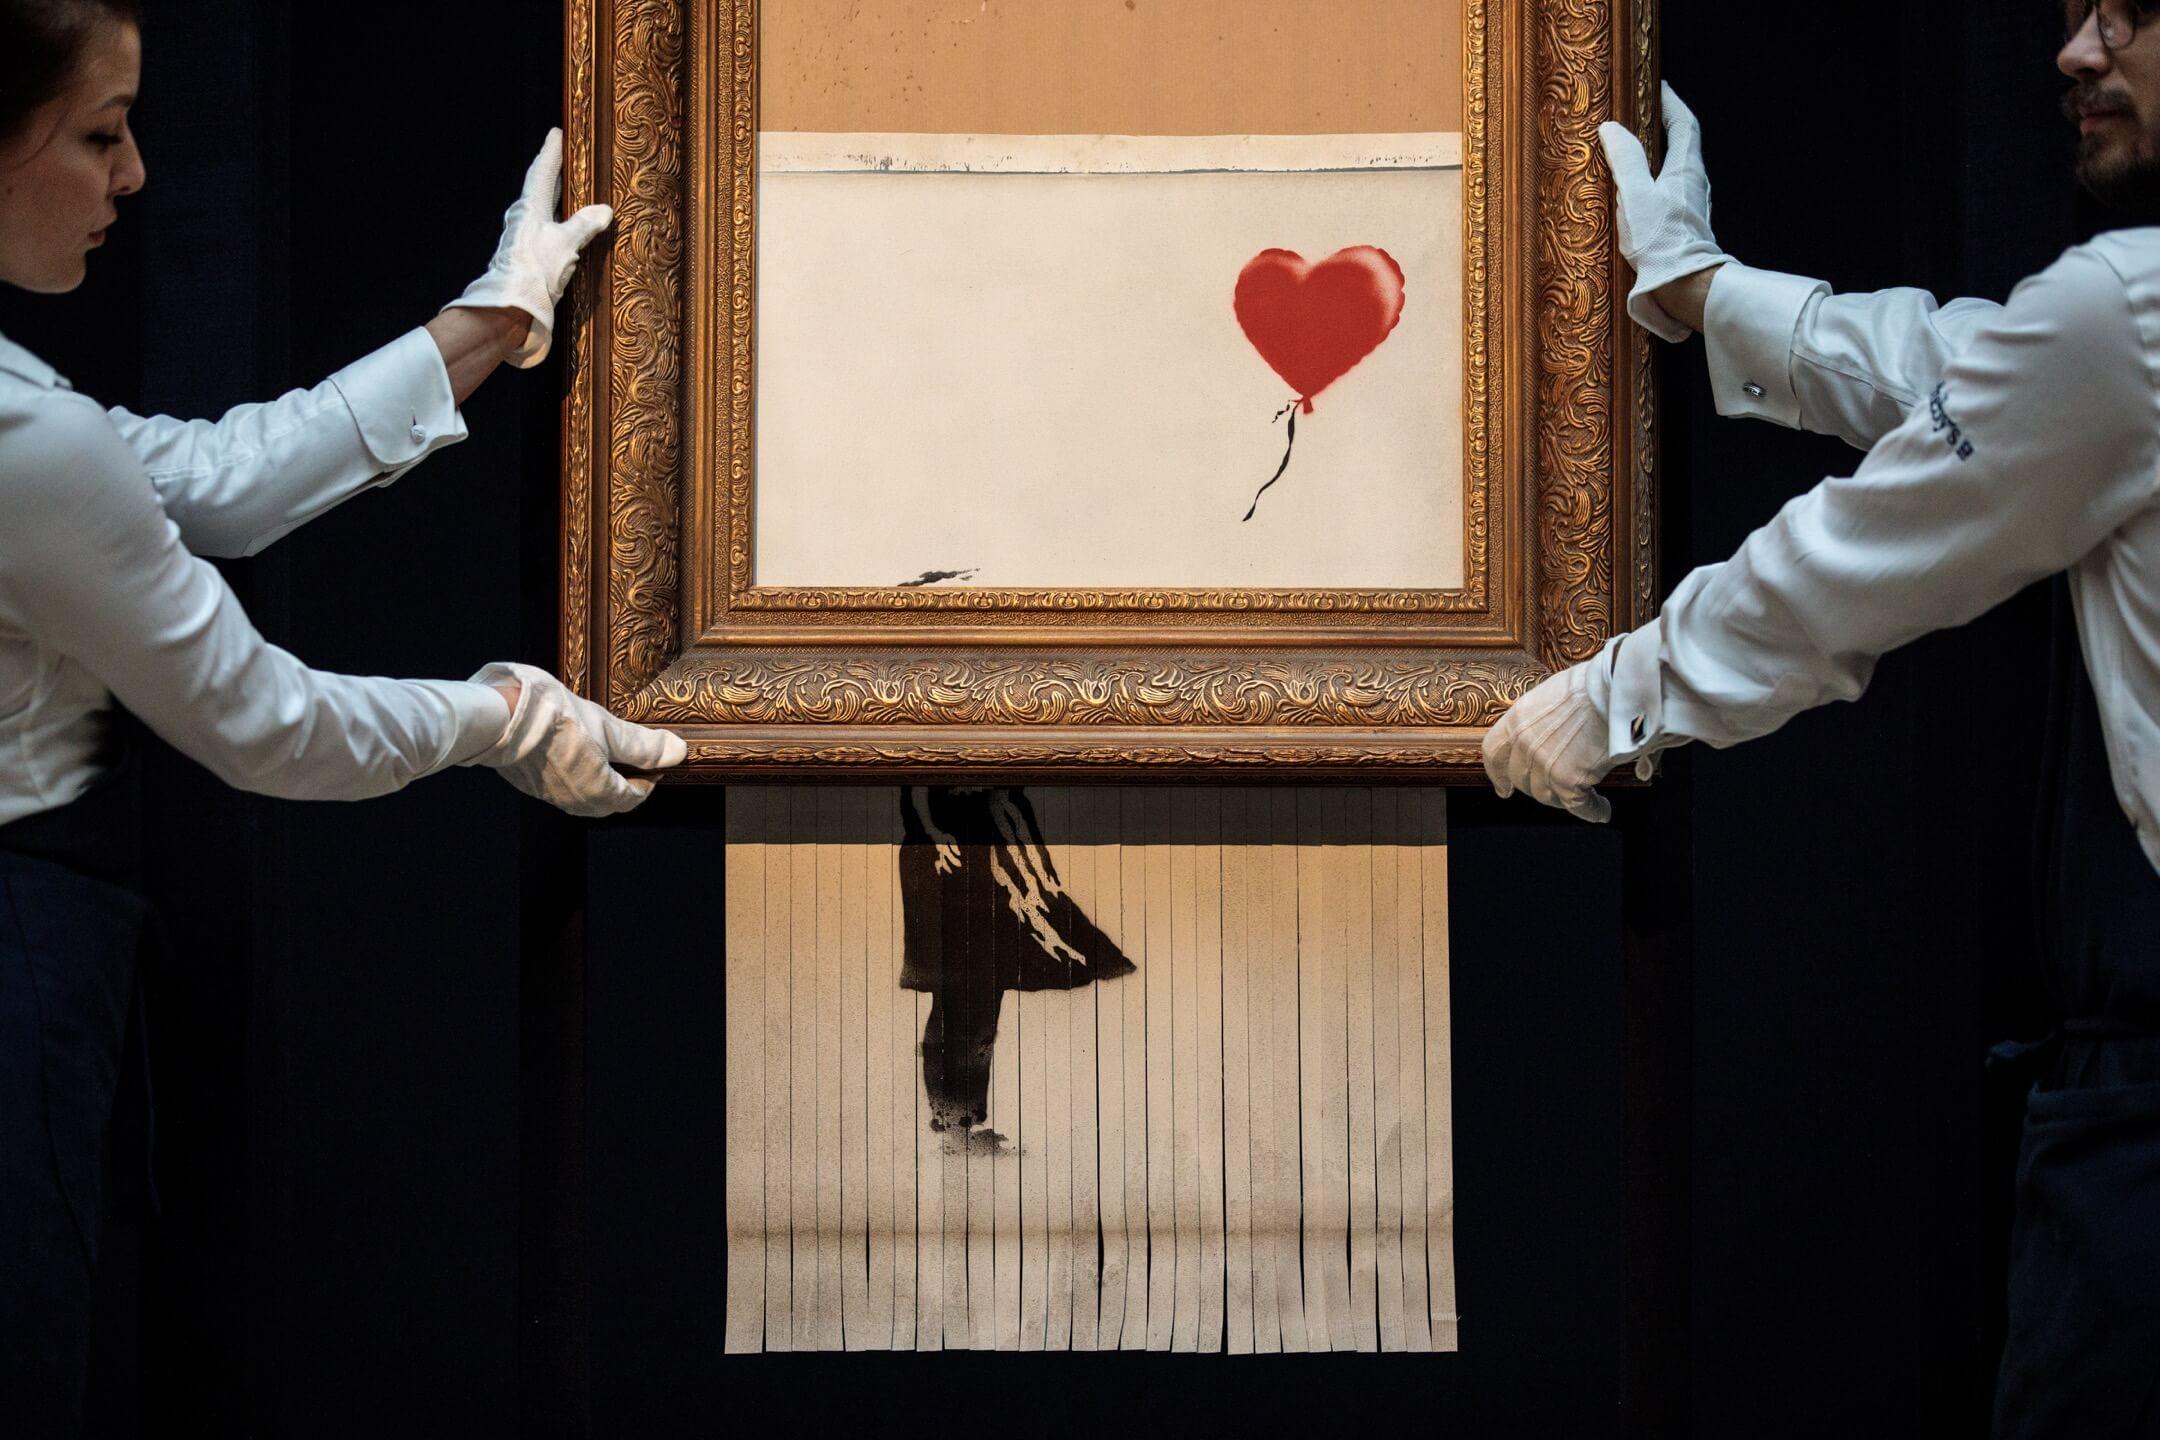 2018年10月12日,英國倫敦蘇富比拍賣行,工作人員與英國塗鴉藝術家Banksy作品《愛在垃圾桶》(Love Is In the Bin)合照。